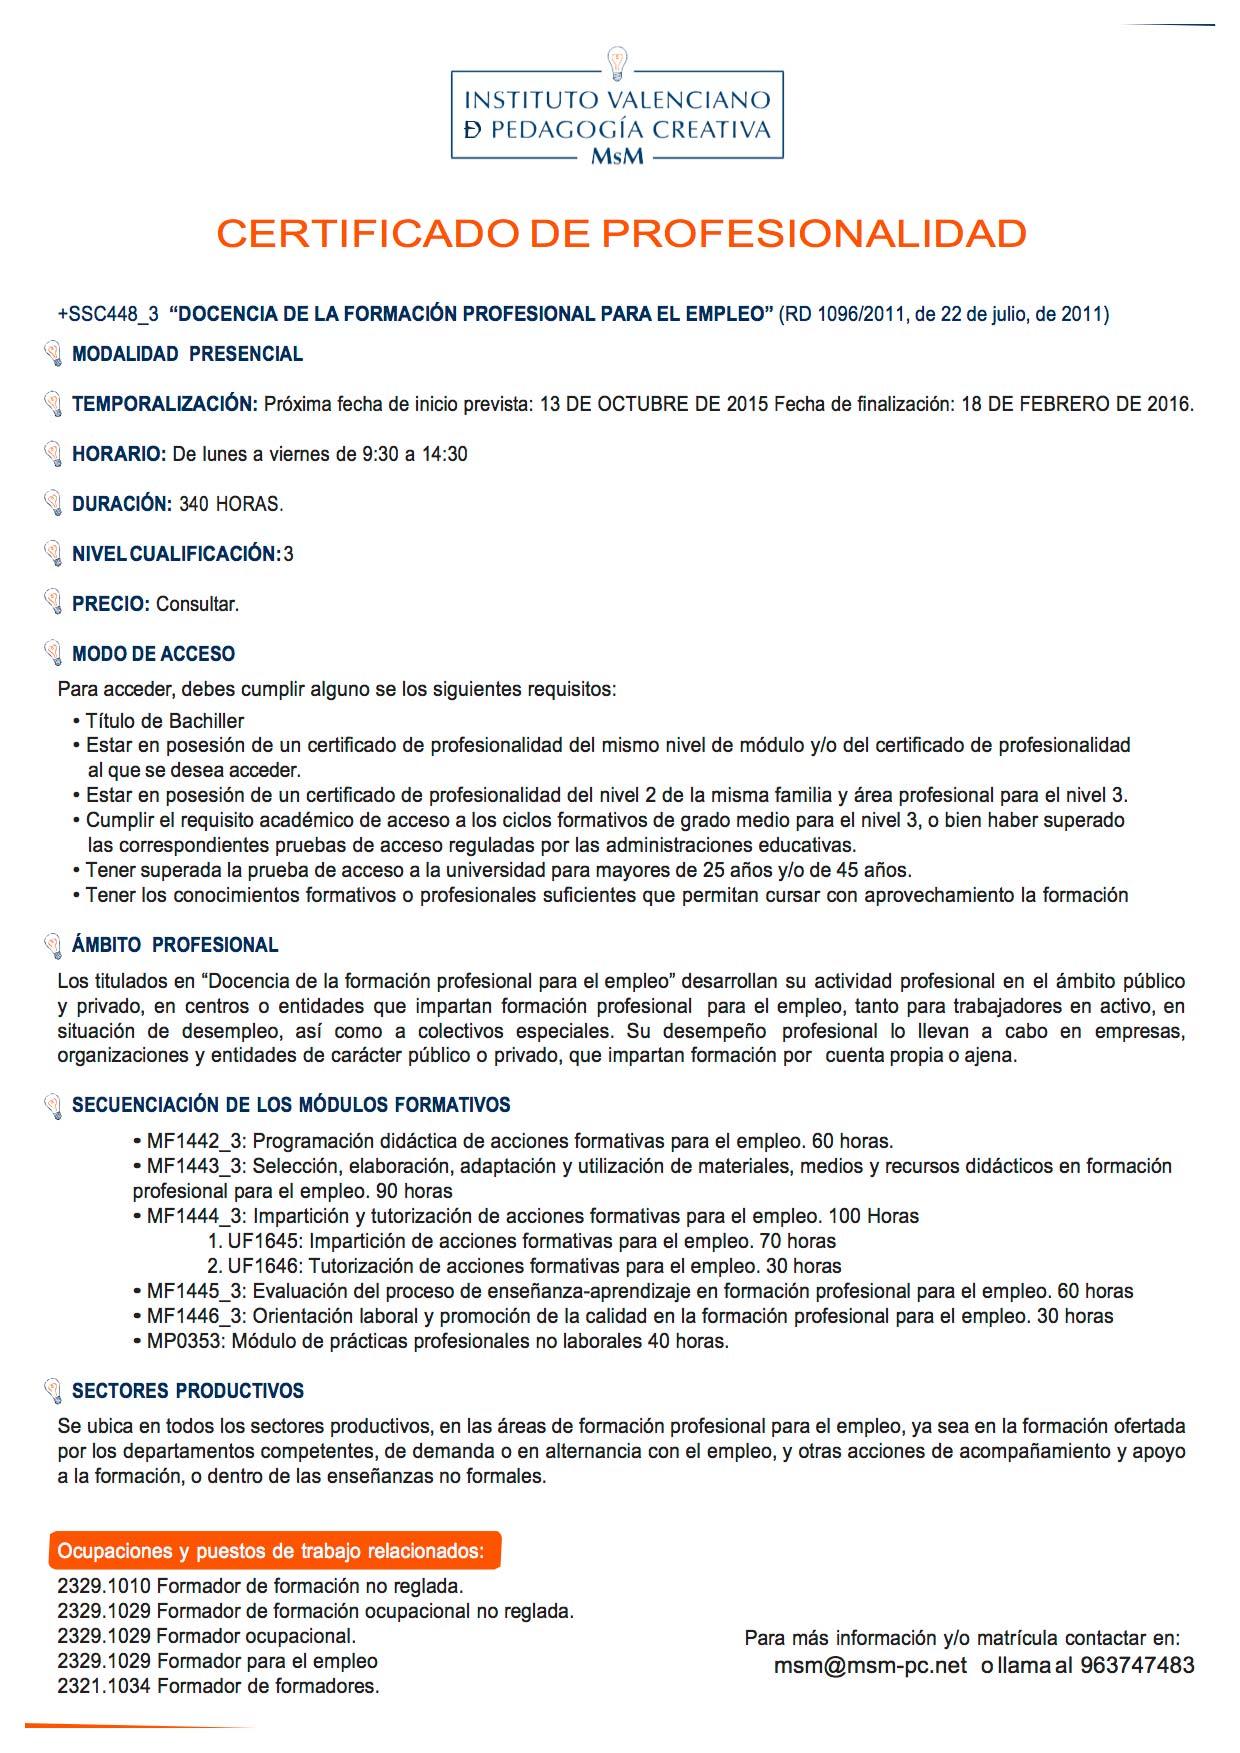 DOCENCIA-DE-LA-FORMACION-PROFESIONAL